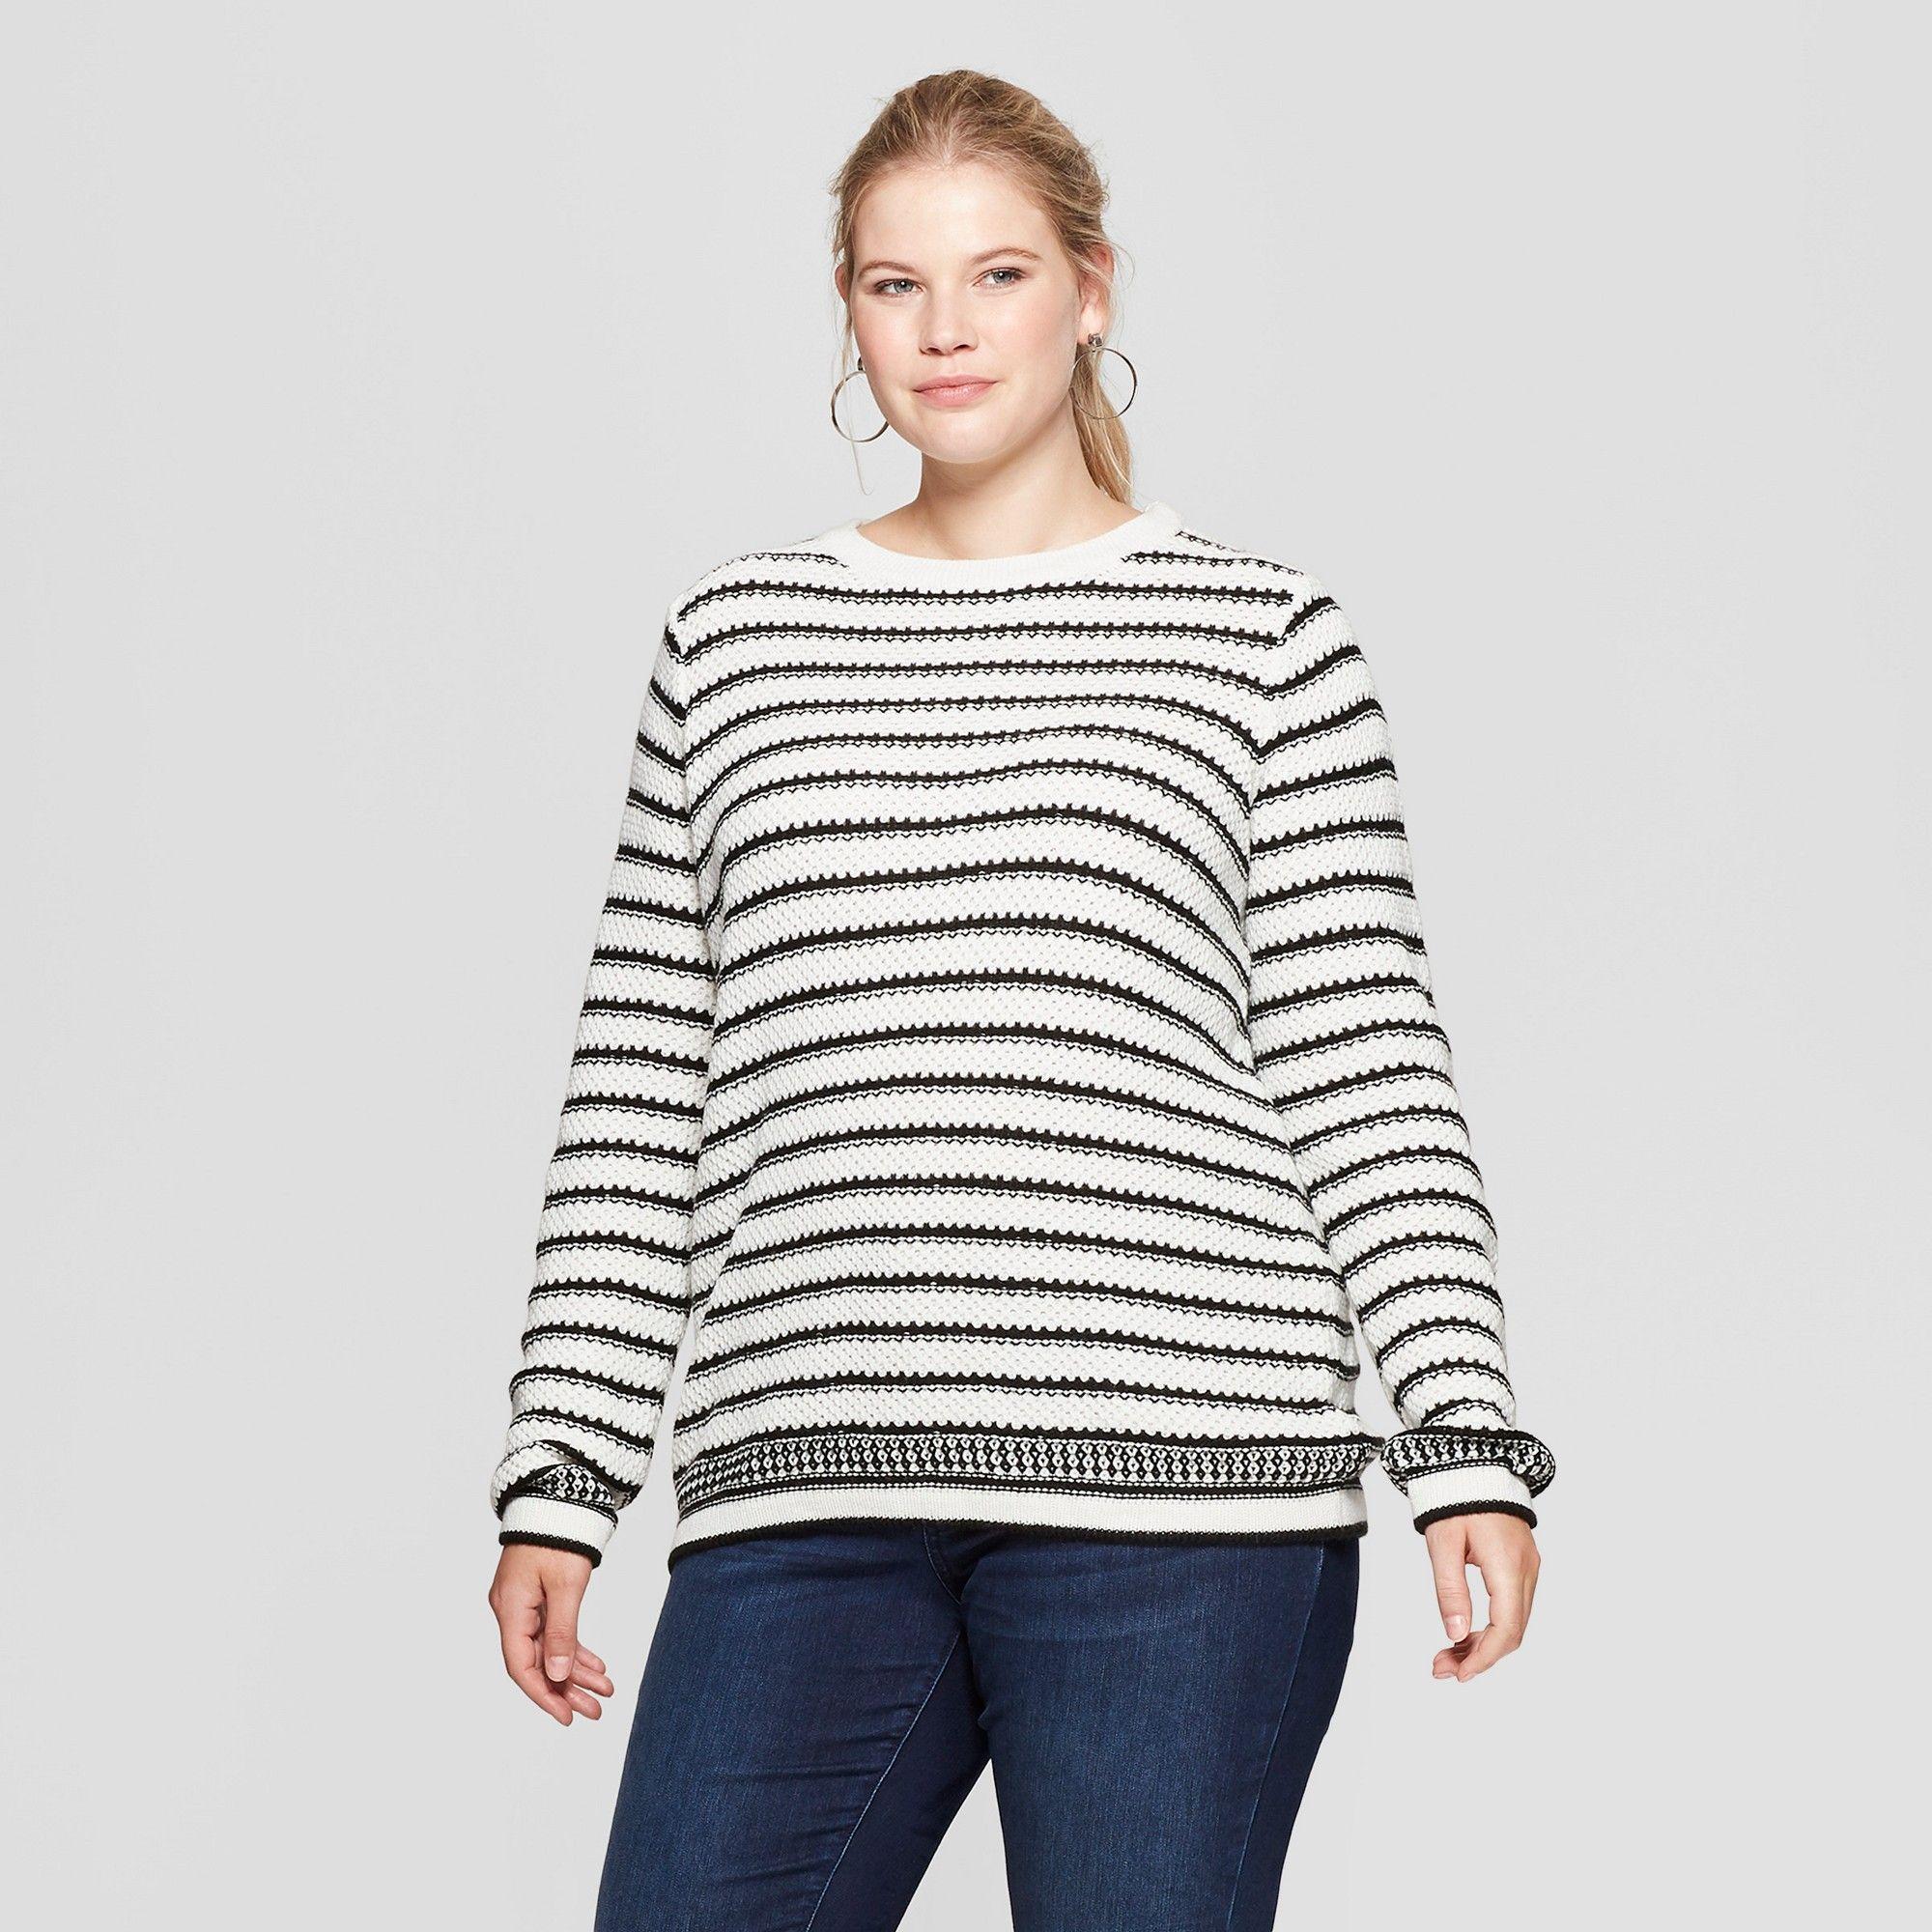 Womens Plus Size Striped Pullover Ava Viv Creamblack 1x In